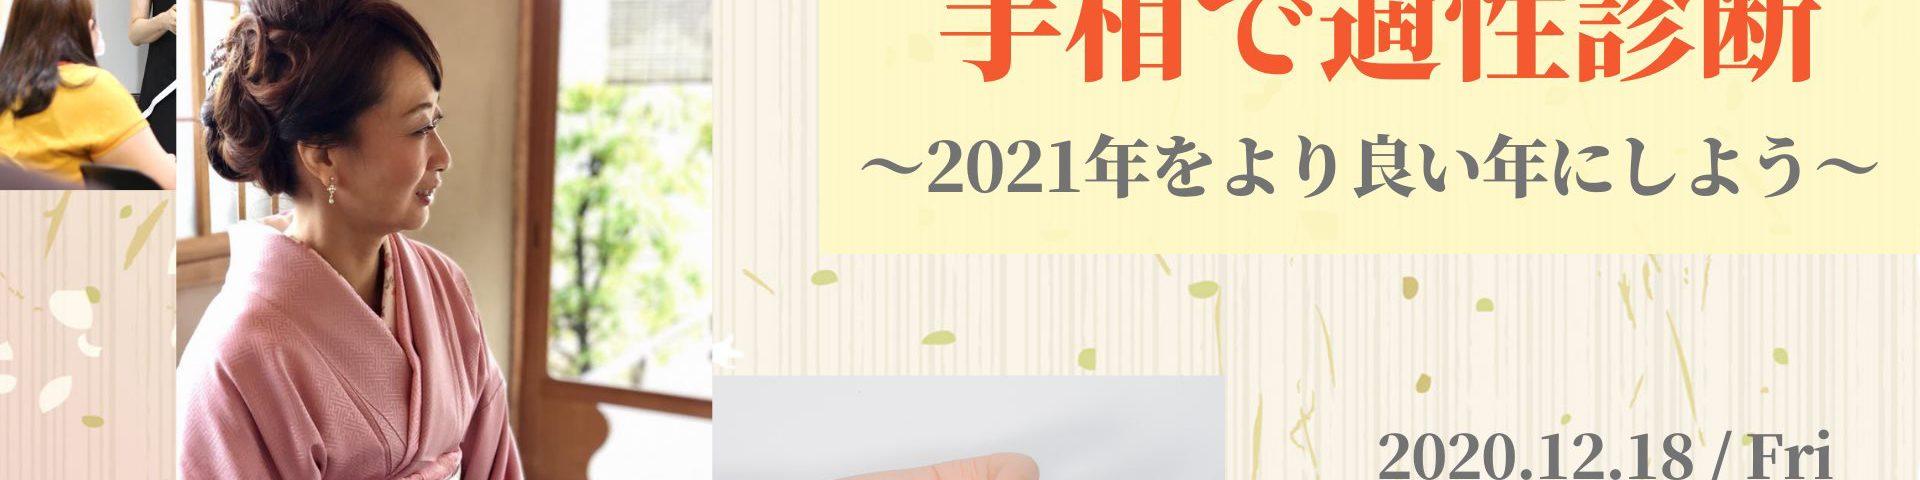 手相で適性診断~2021年をより良い年にしよう~